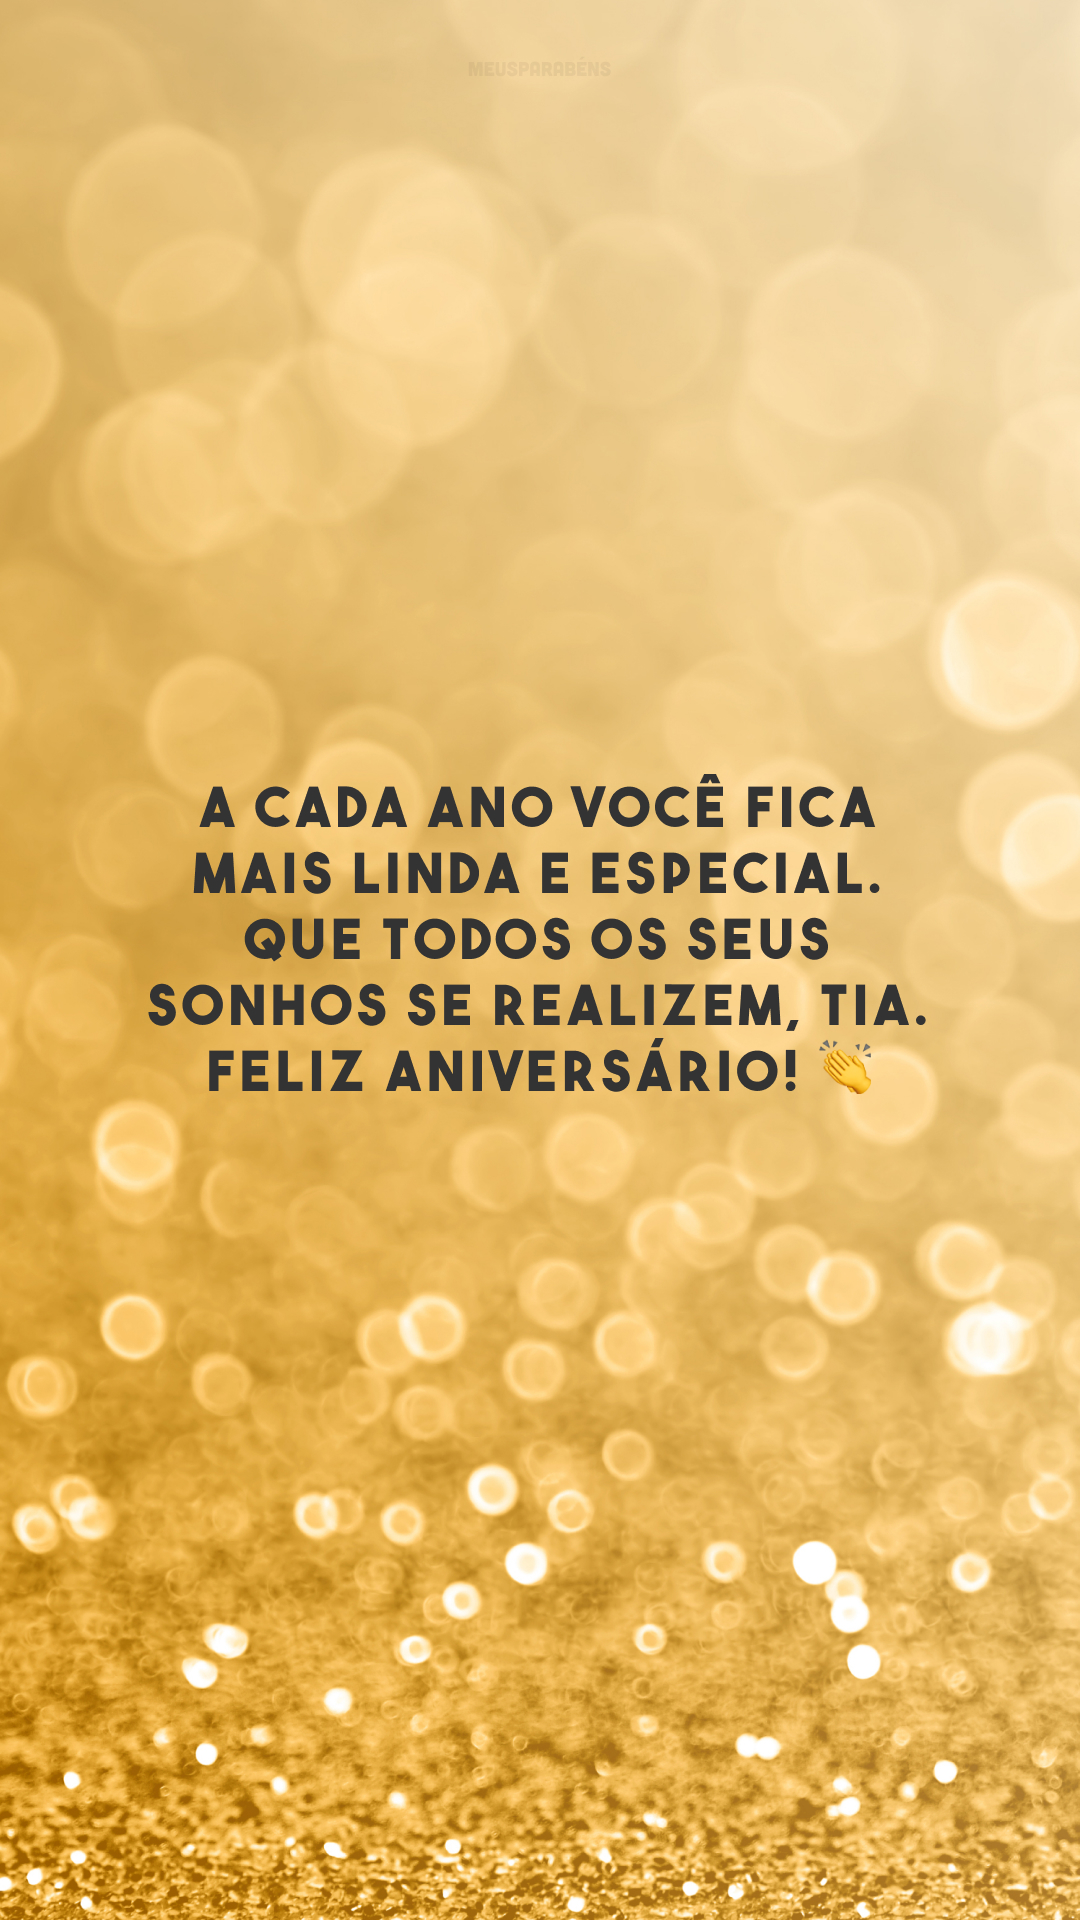 A cada ano você fica mais linda e especial. Que todos os seus sonhos se realizem, tia. Feliz aniversário! 👏